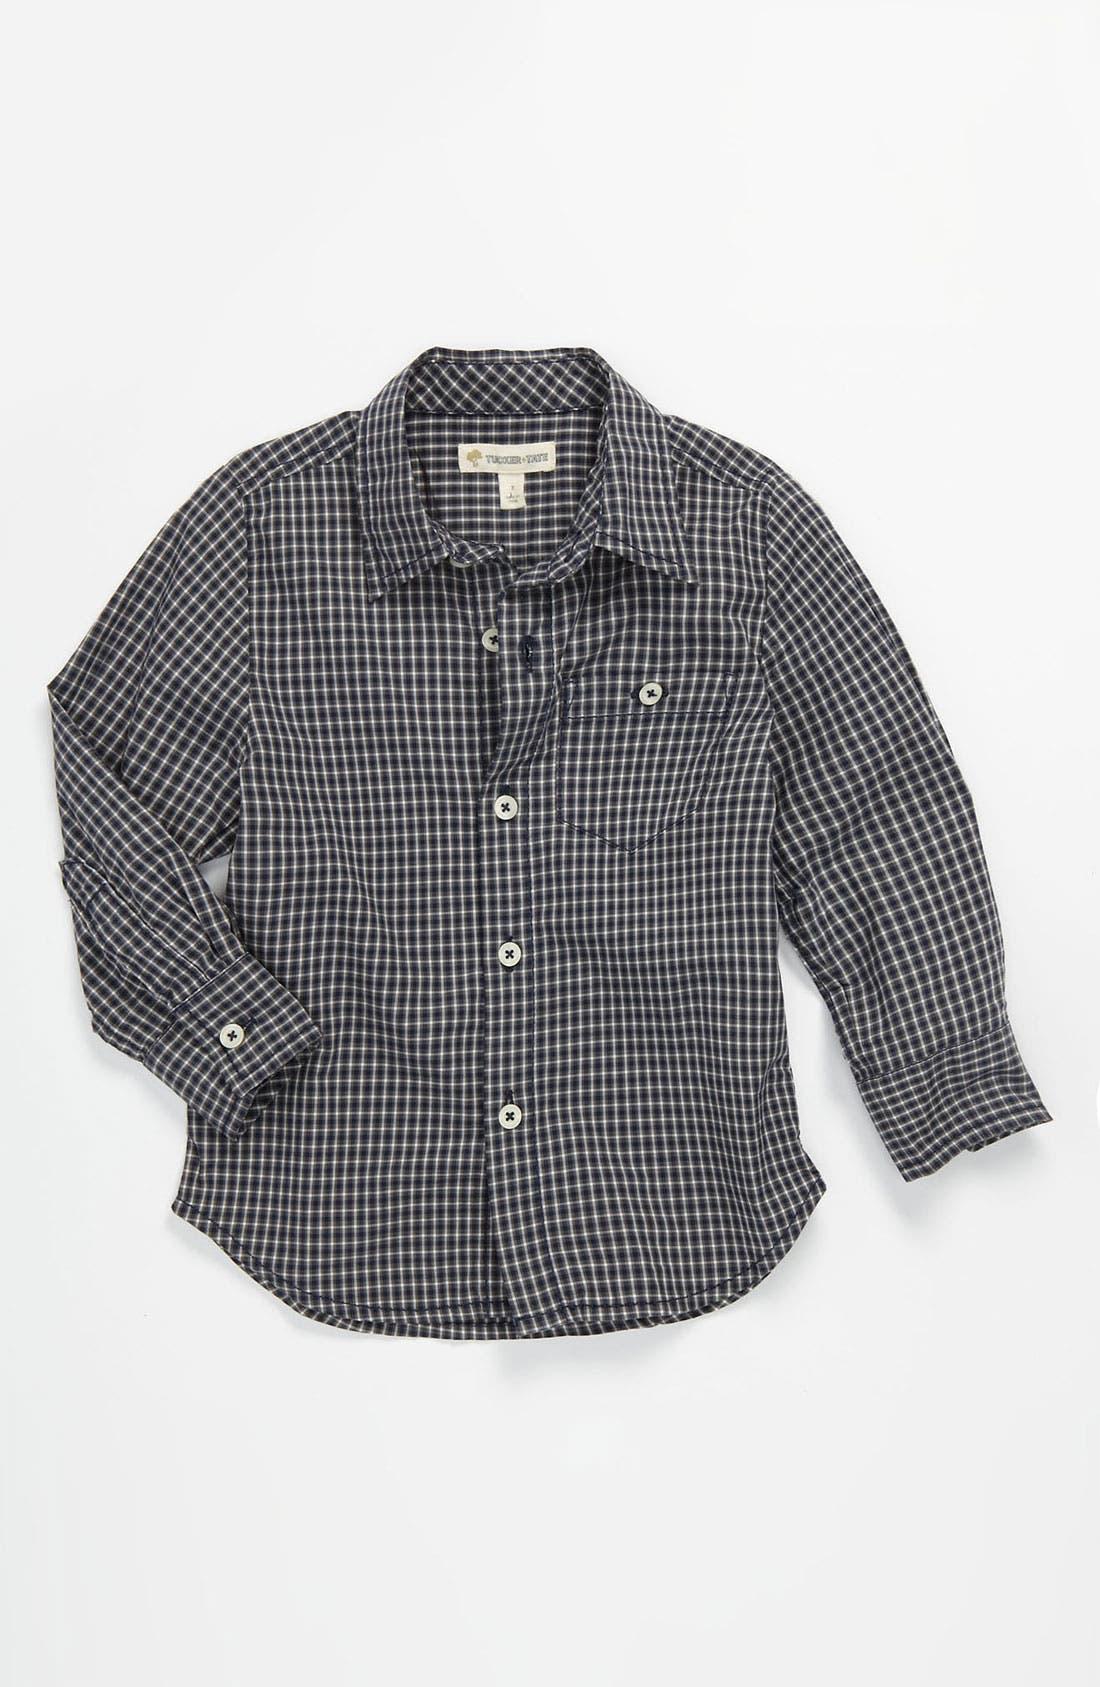 Alternate Image 1 Selected - Tucker + Tate 'Allister' Poplin Shirt (Infant)